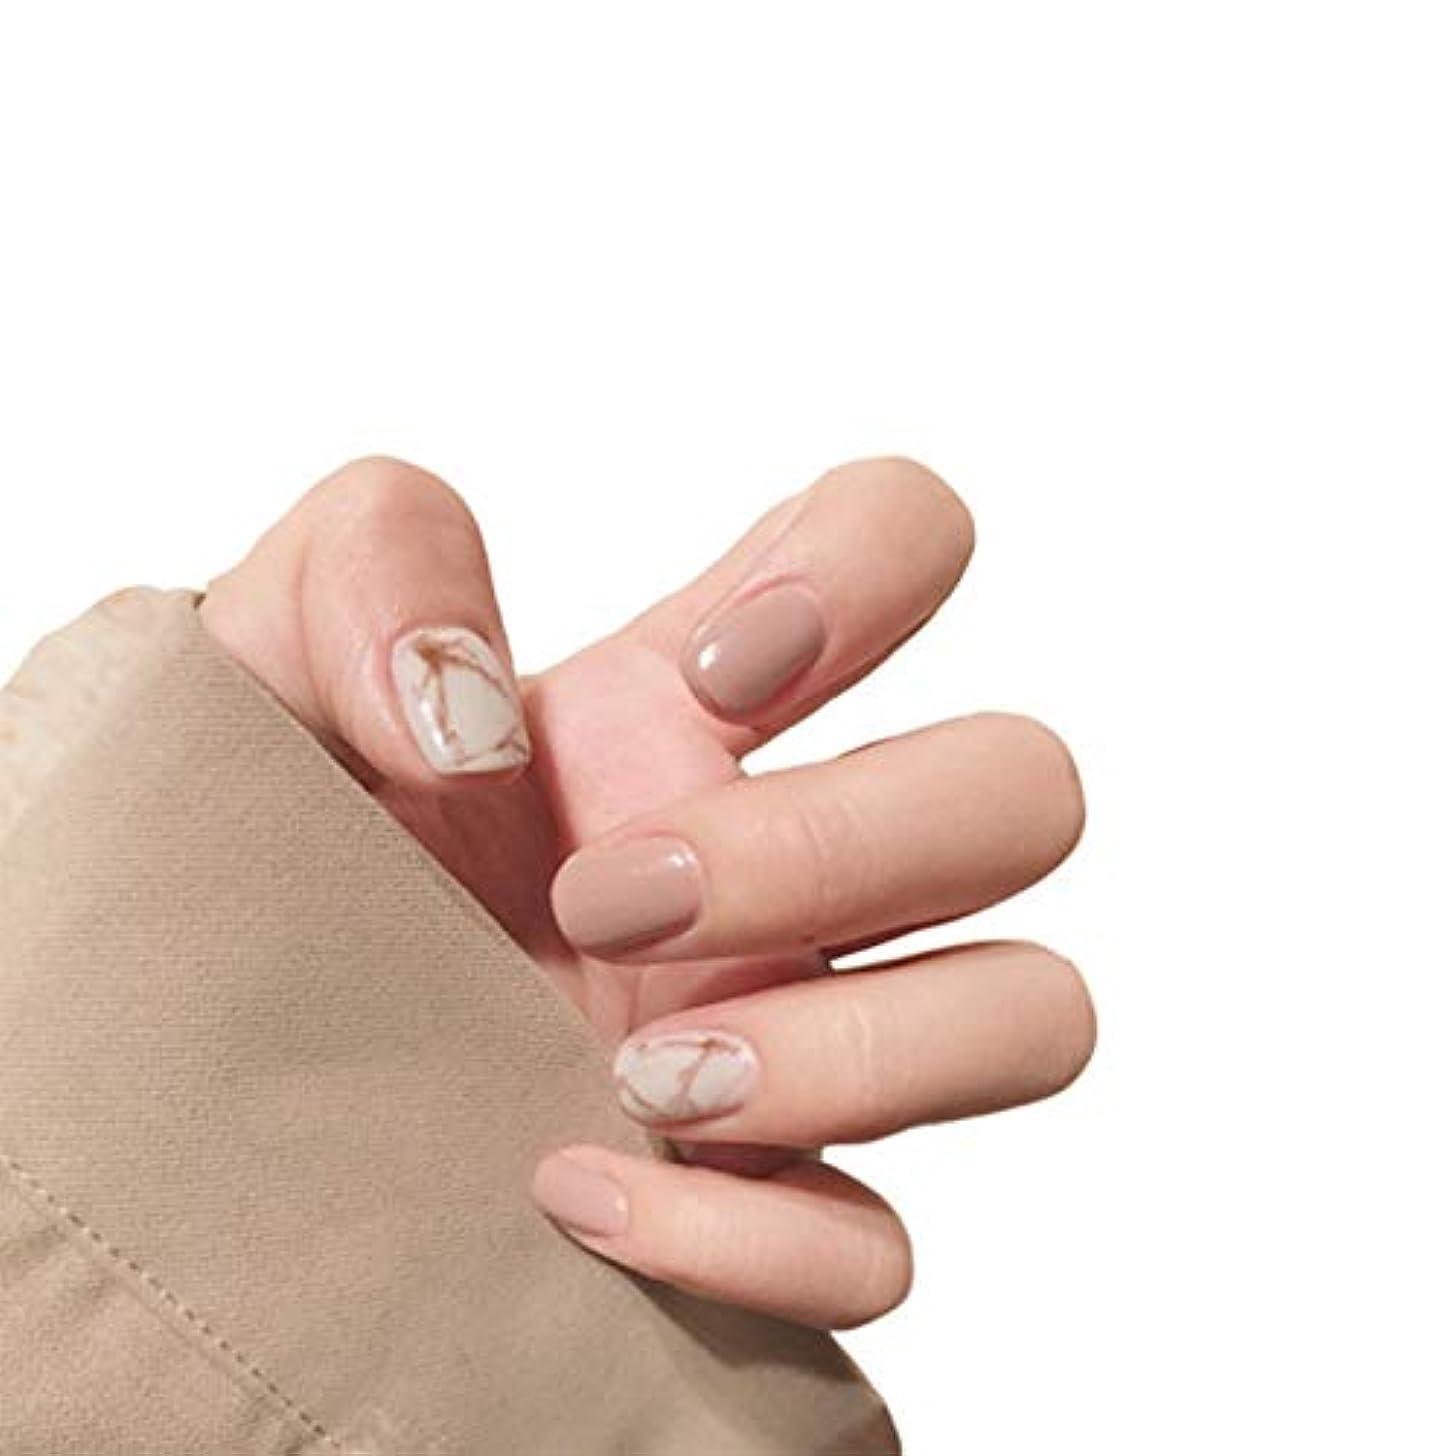 コート摂氏企業VALEN Nail Patch ネイルチップ 手作りネイルチップ ネイルジュエリー つけ爪 24枚入 フルチップ シンプル 結婚式、パーティー、二次会などに ネイルアート